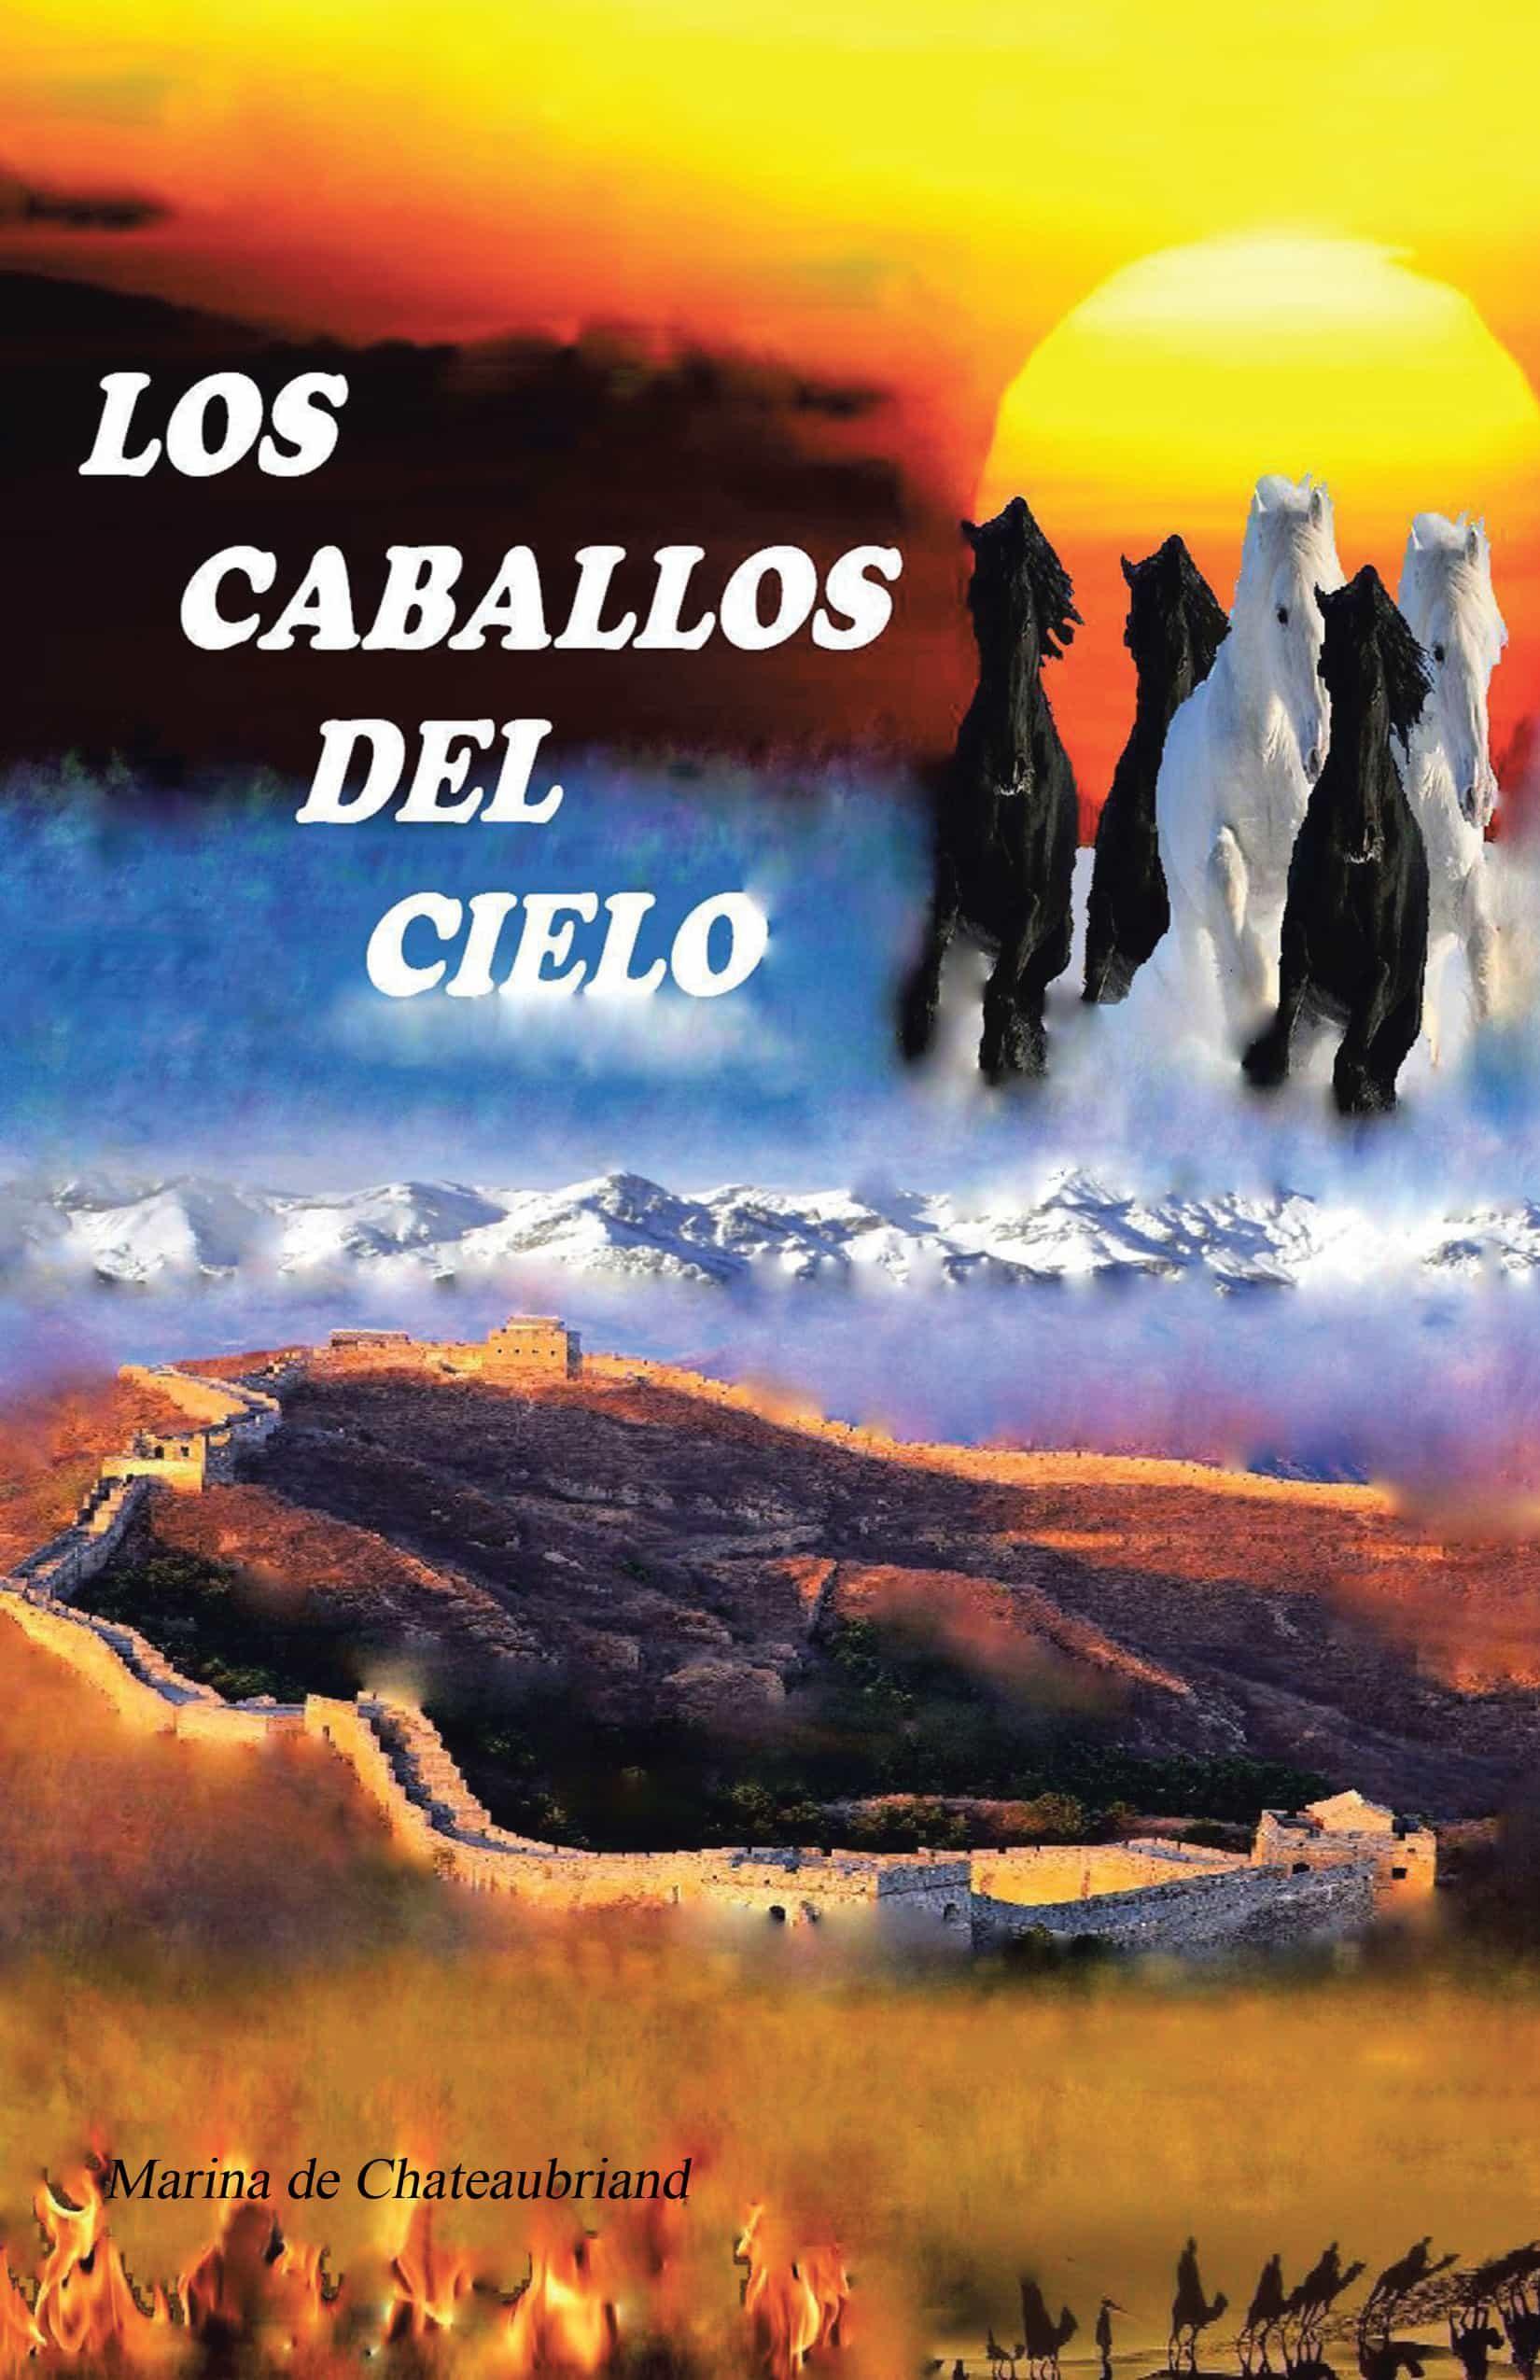 Los caballos del cielo (ebook)